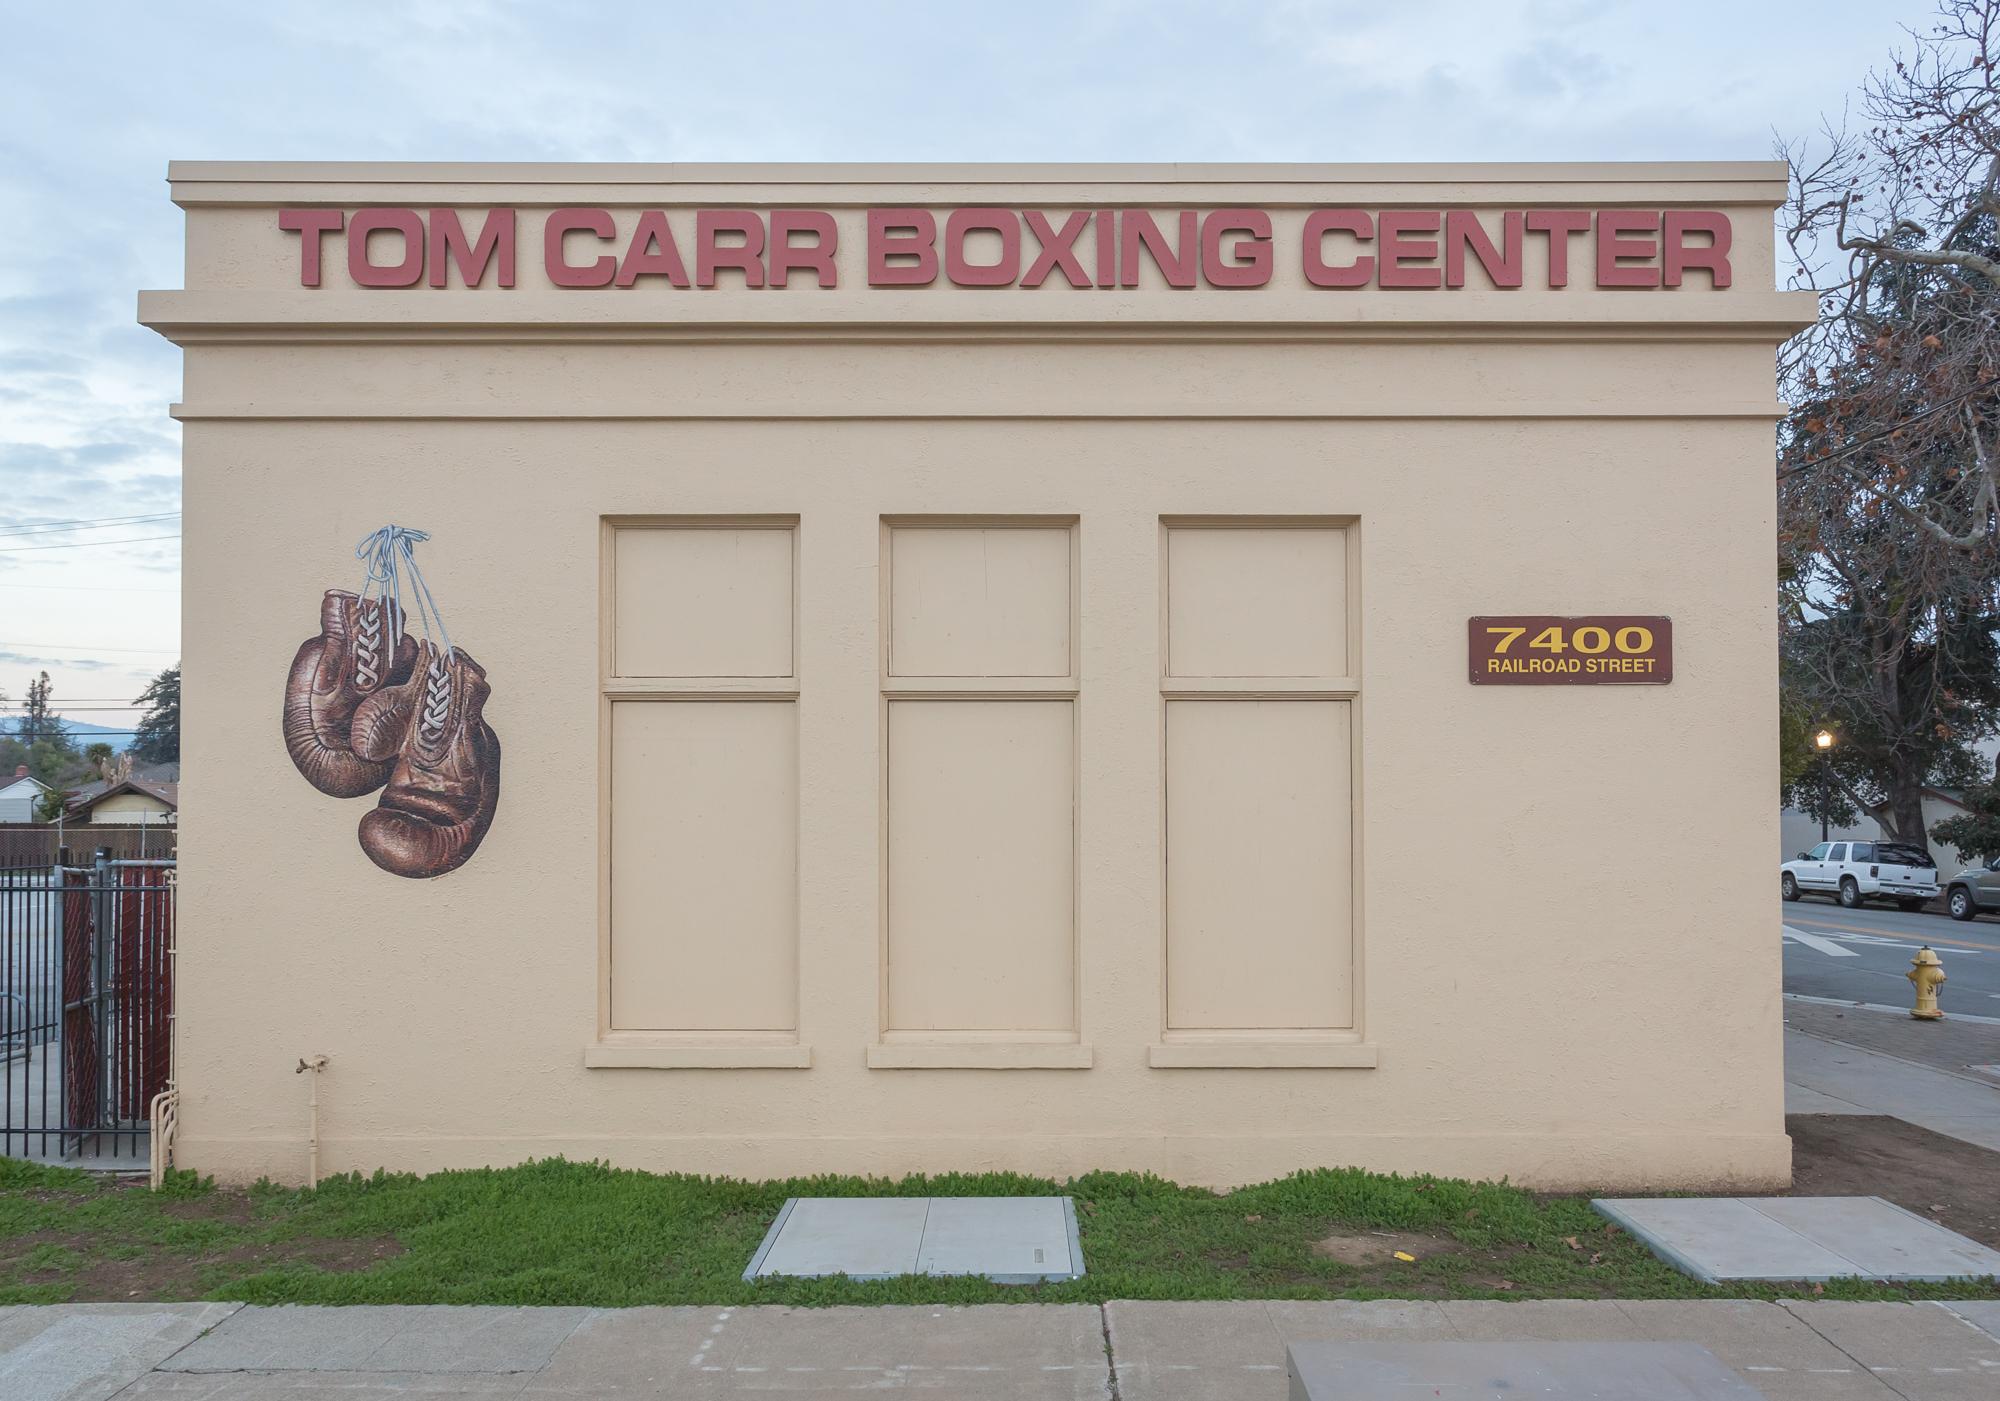 Tom Carr Boxing Center Mural